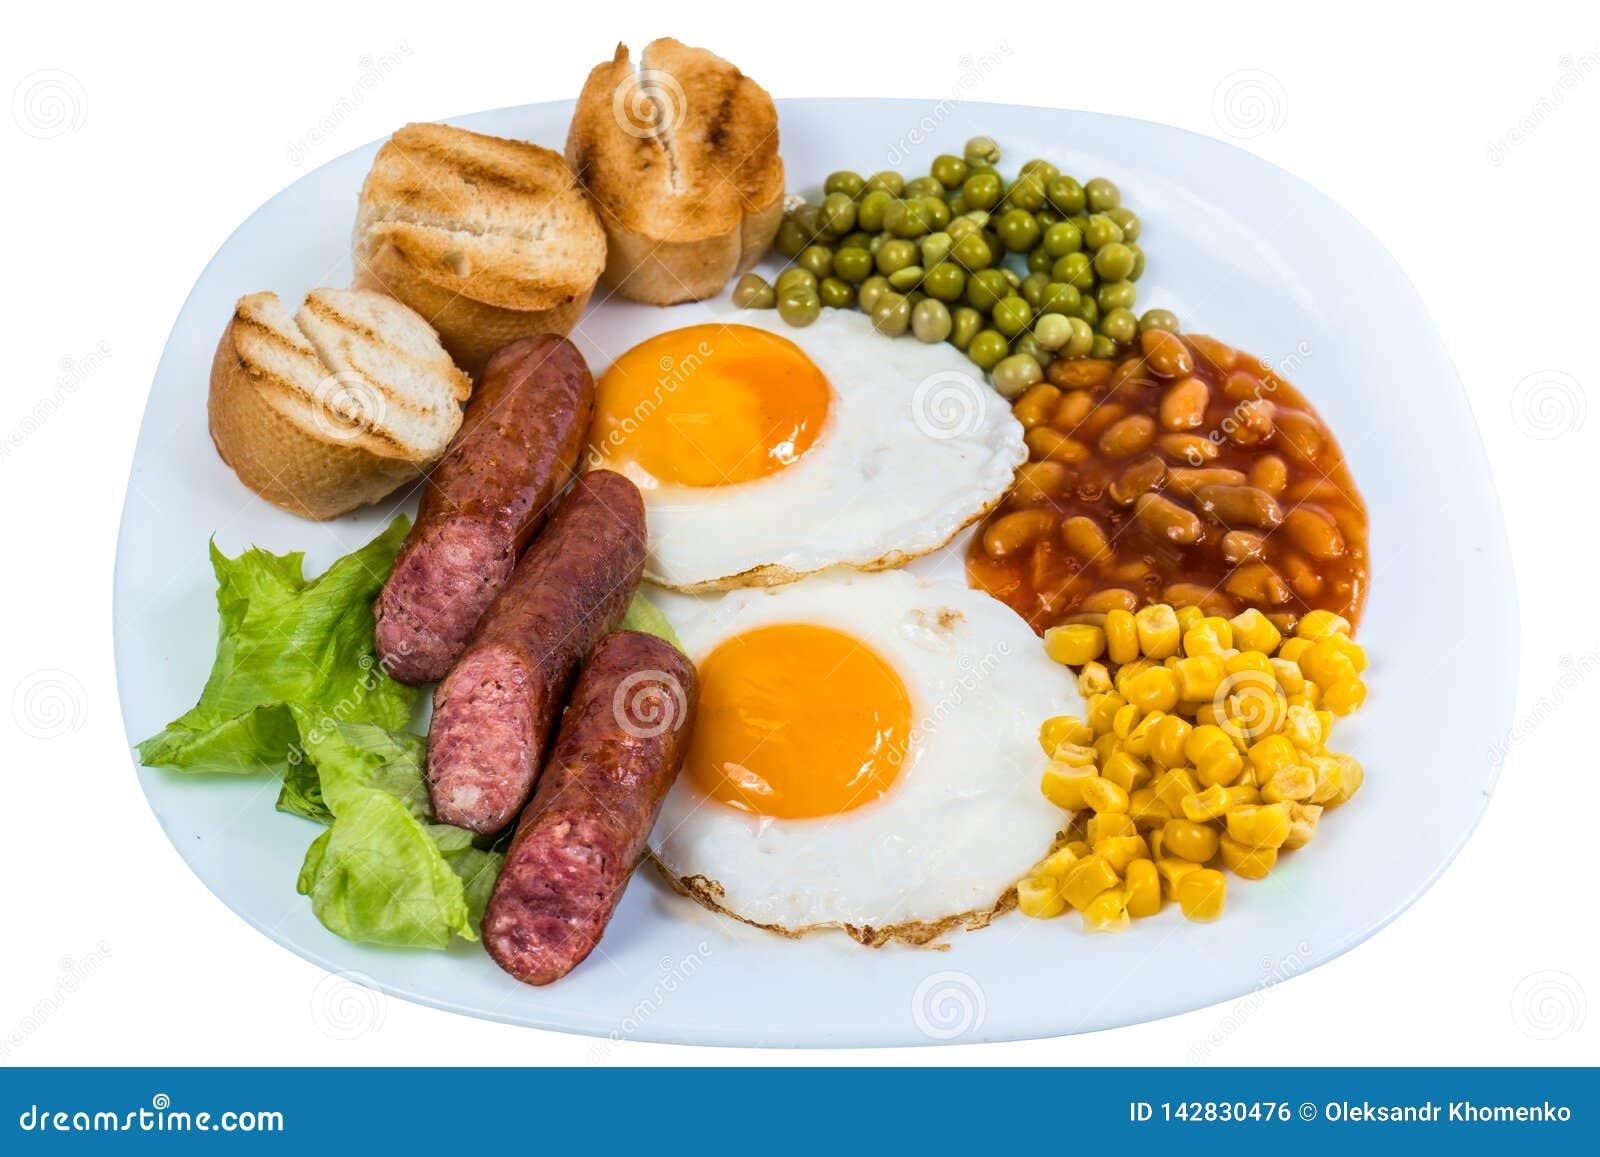 El desayuno los guisantes del huevo frito, los granos del maíz, las habas y las salchichas fritas en una placa blanca